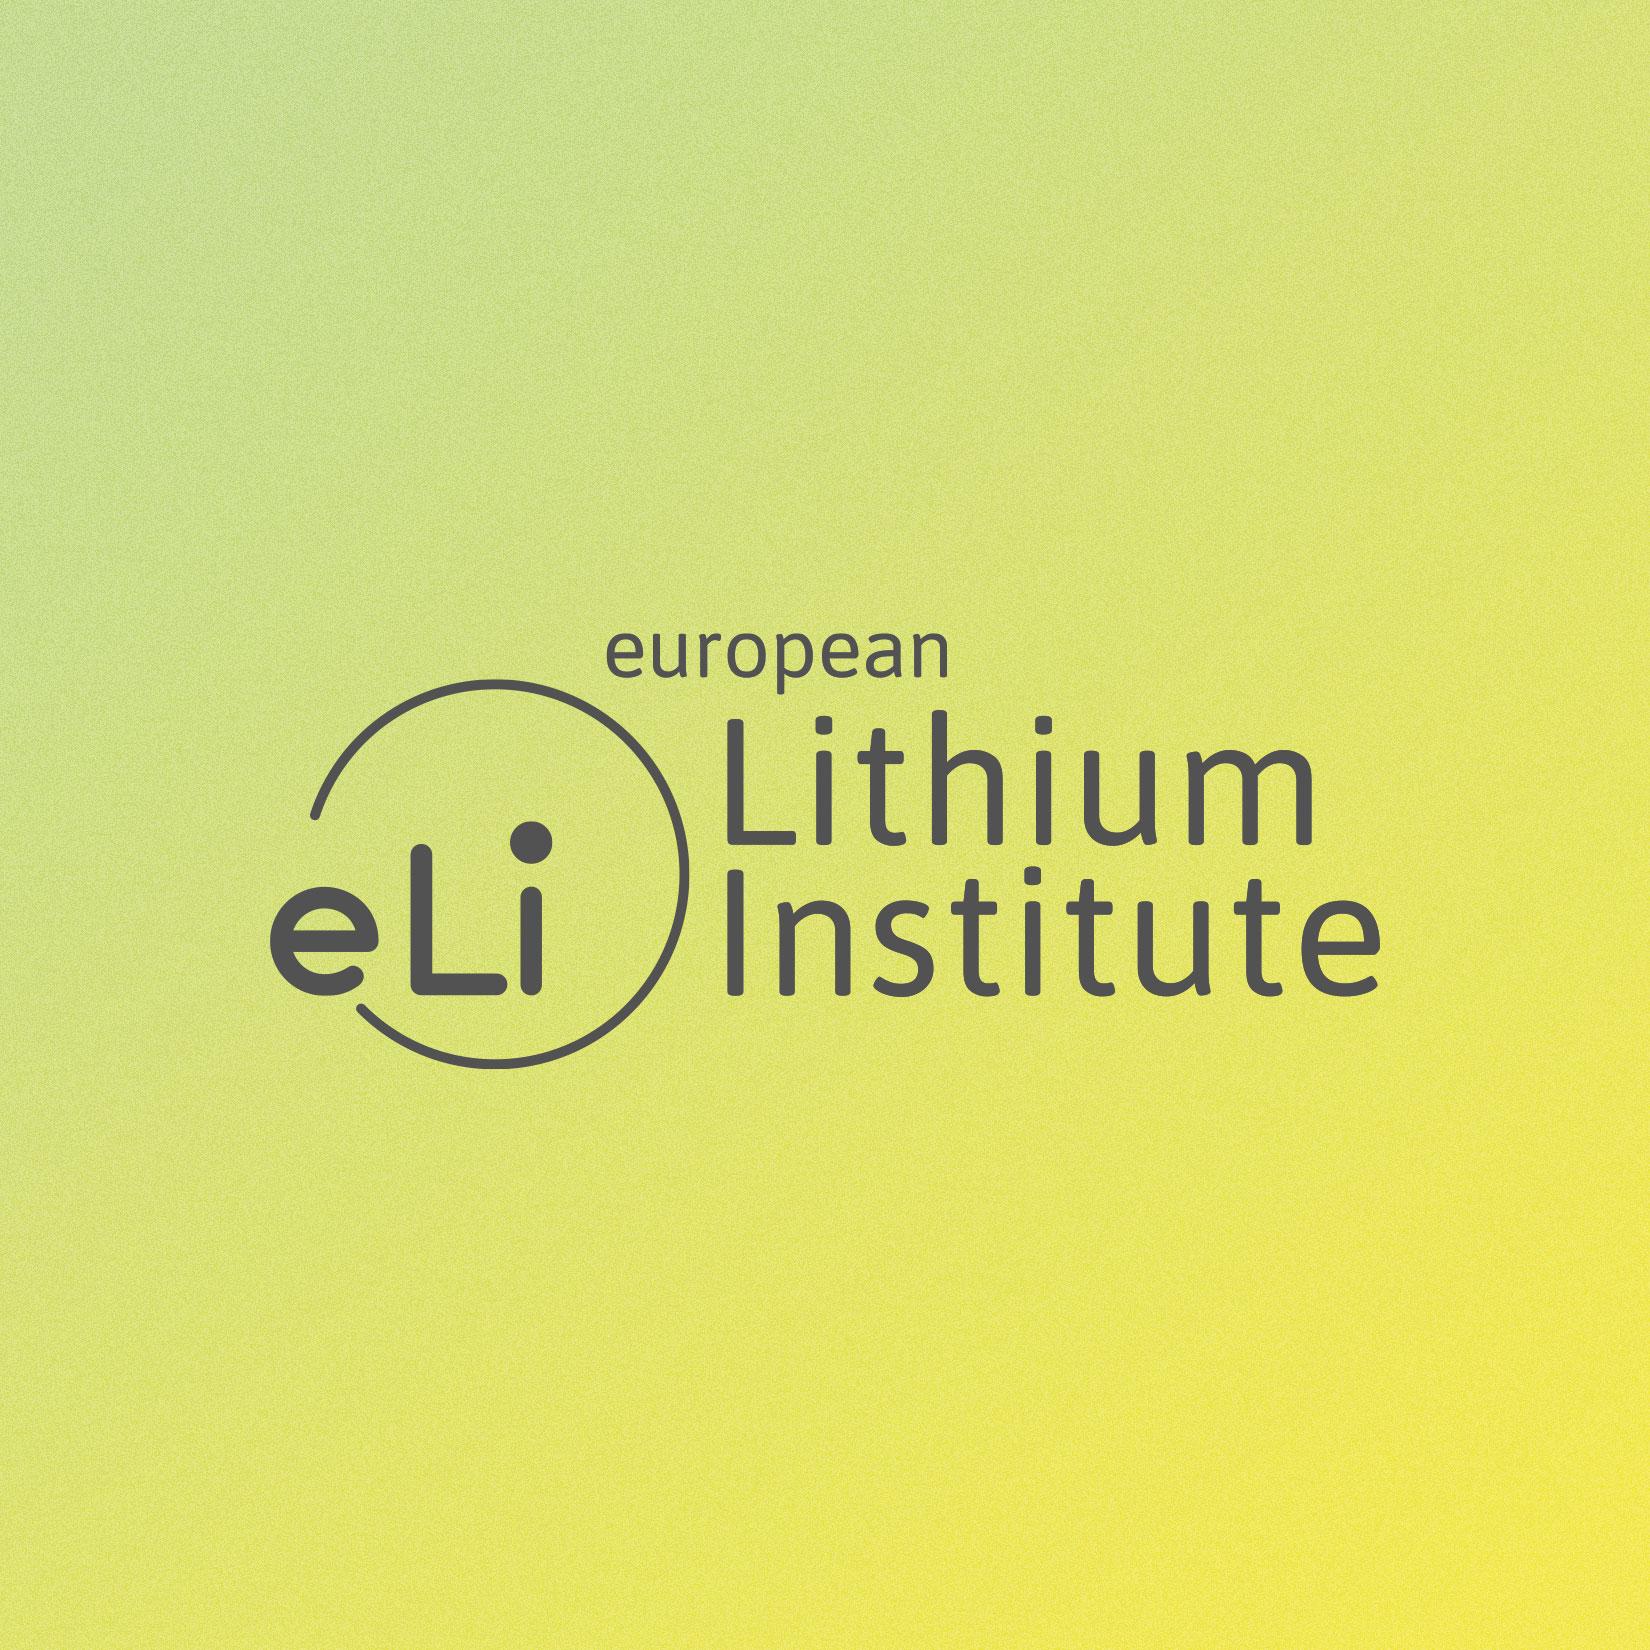 European Lithium Institute Logo